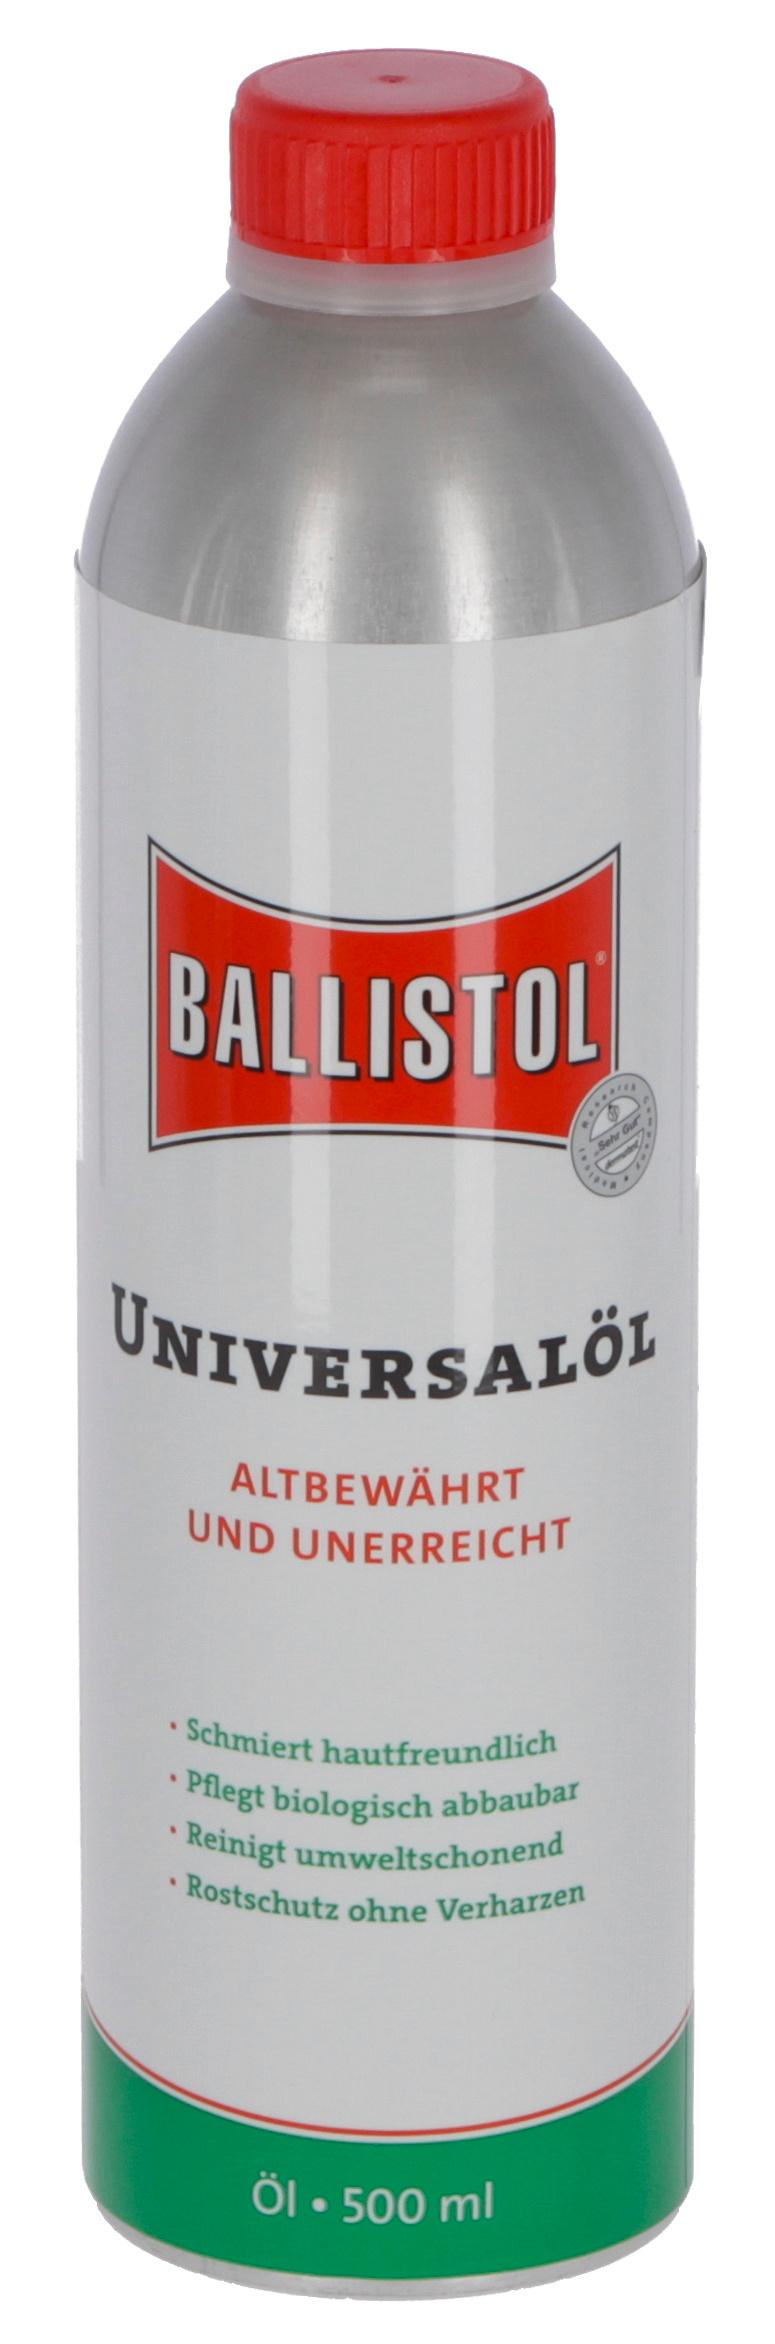 Ballistol-Öl 500ml